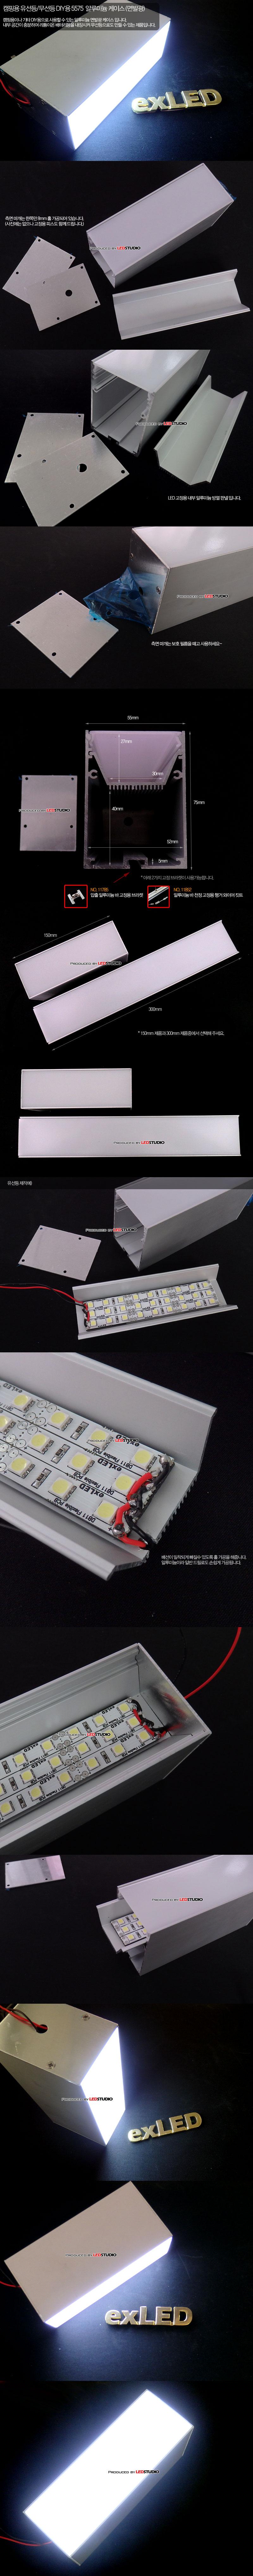 캠핑용 유선등/무선등 DIY용 5575  알루미늄 케이스 (면발광) (150mm / 300mm 中 택1)